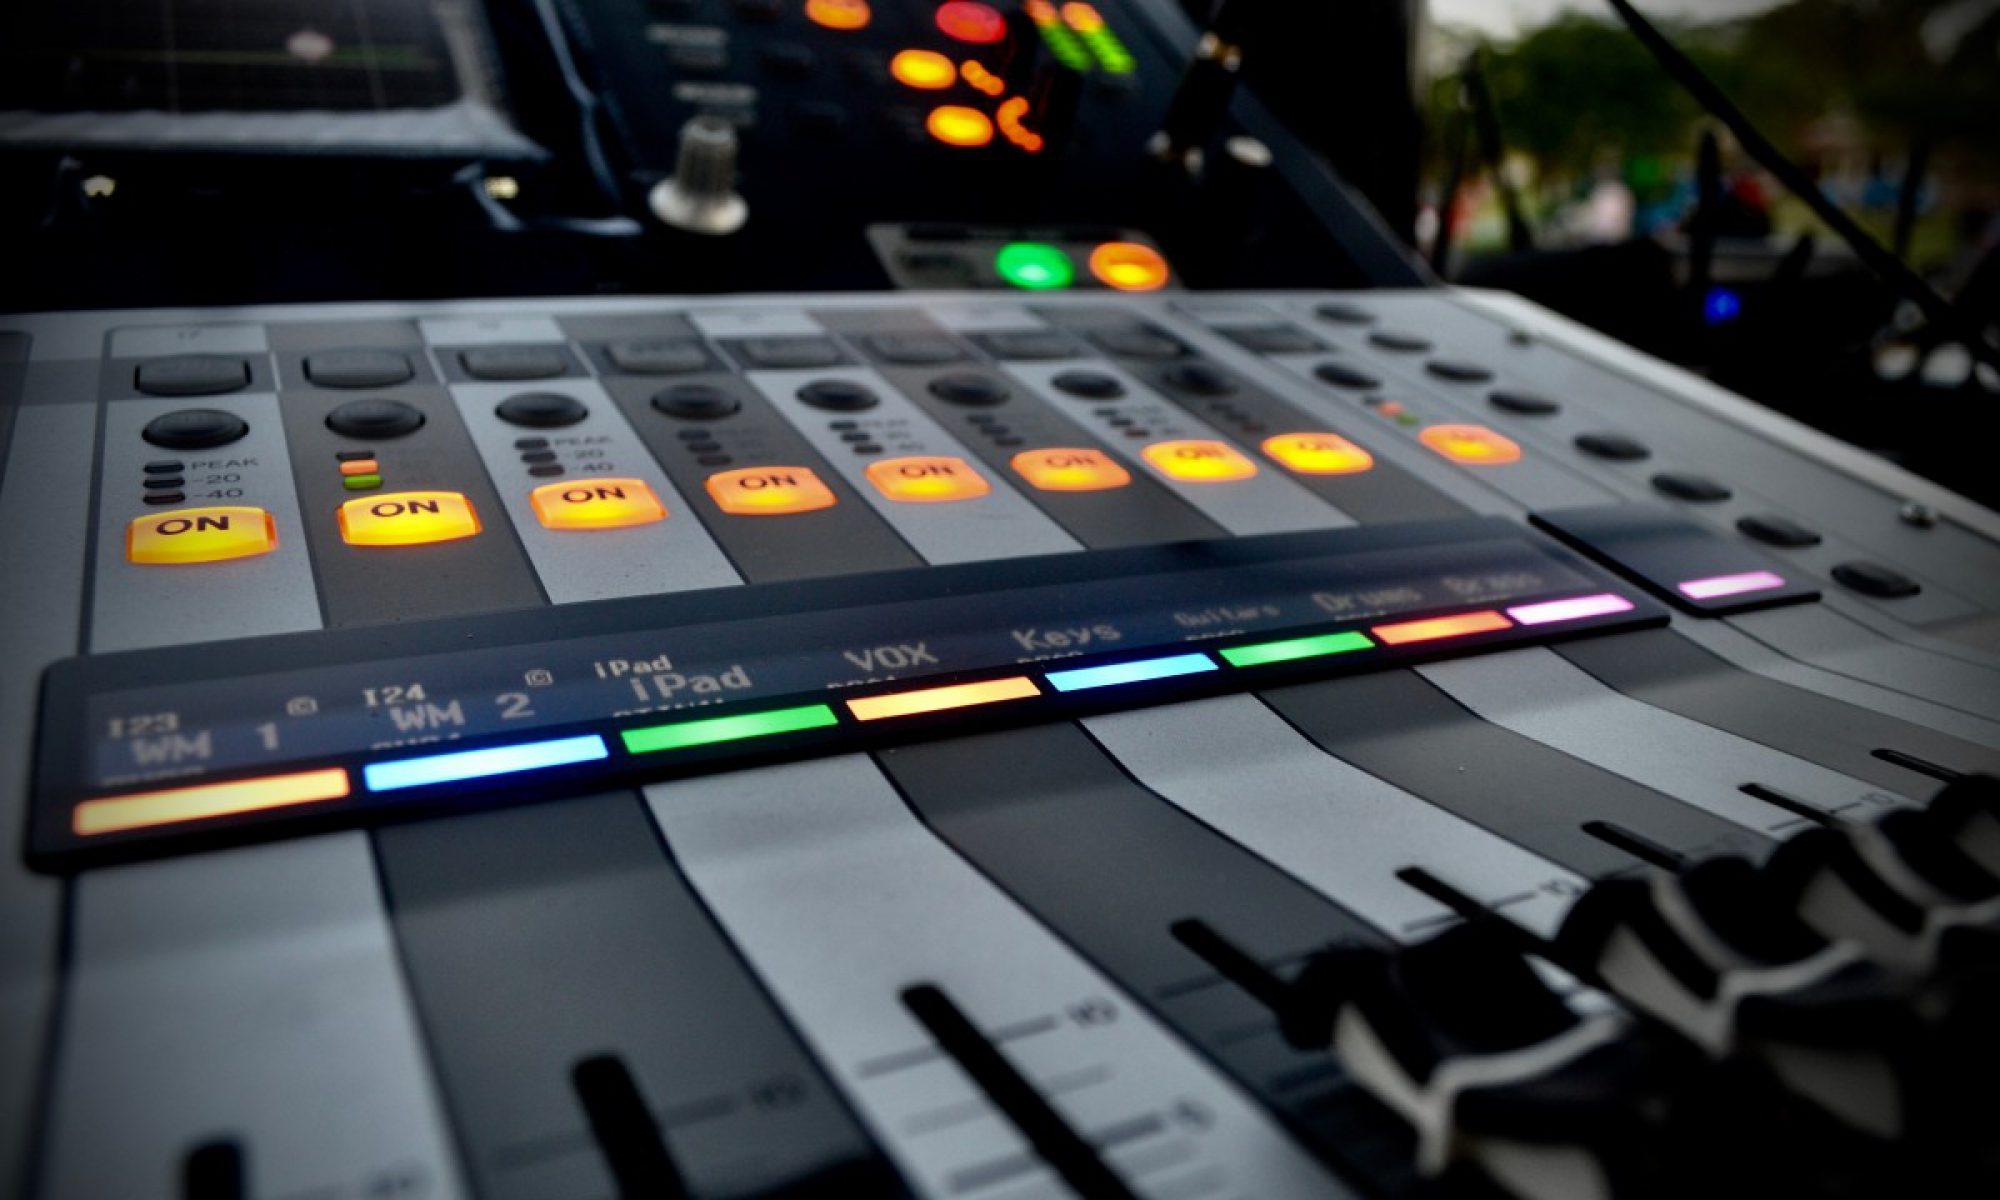 Studio. Stage. Live.